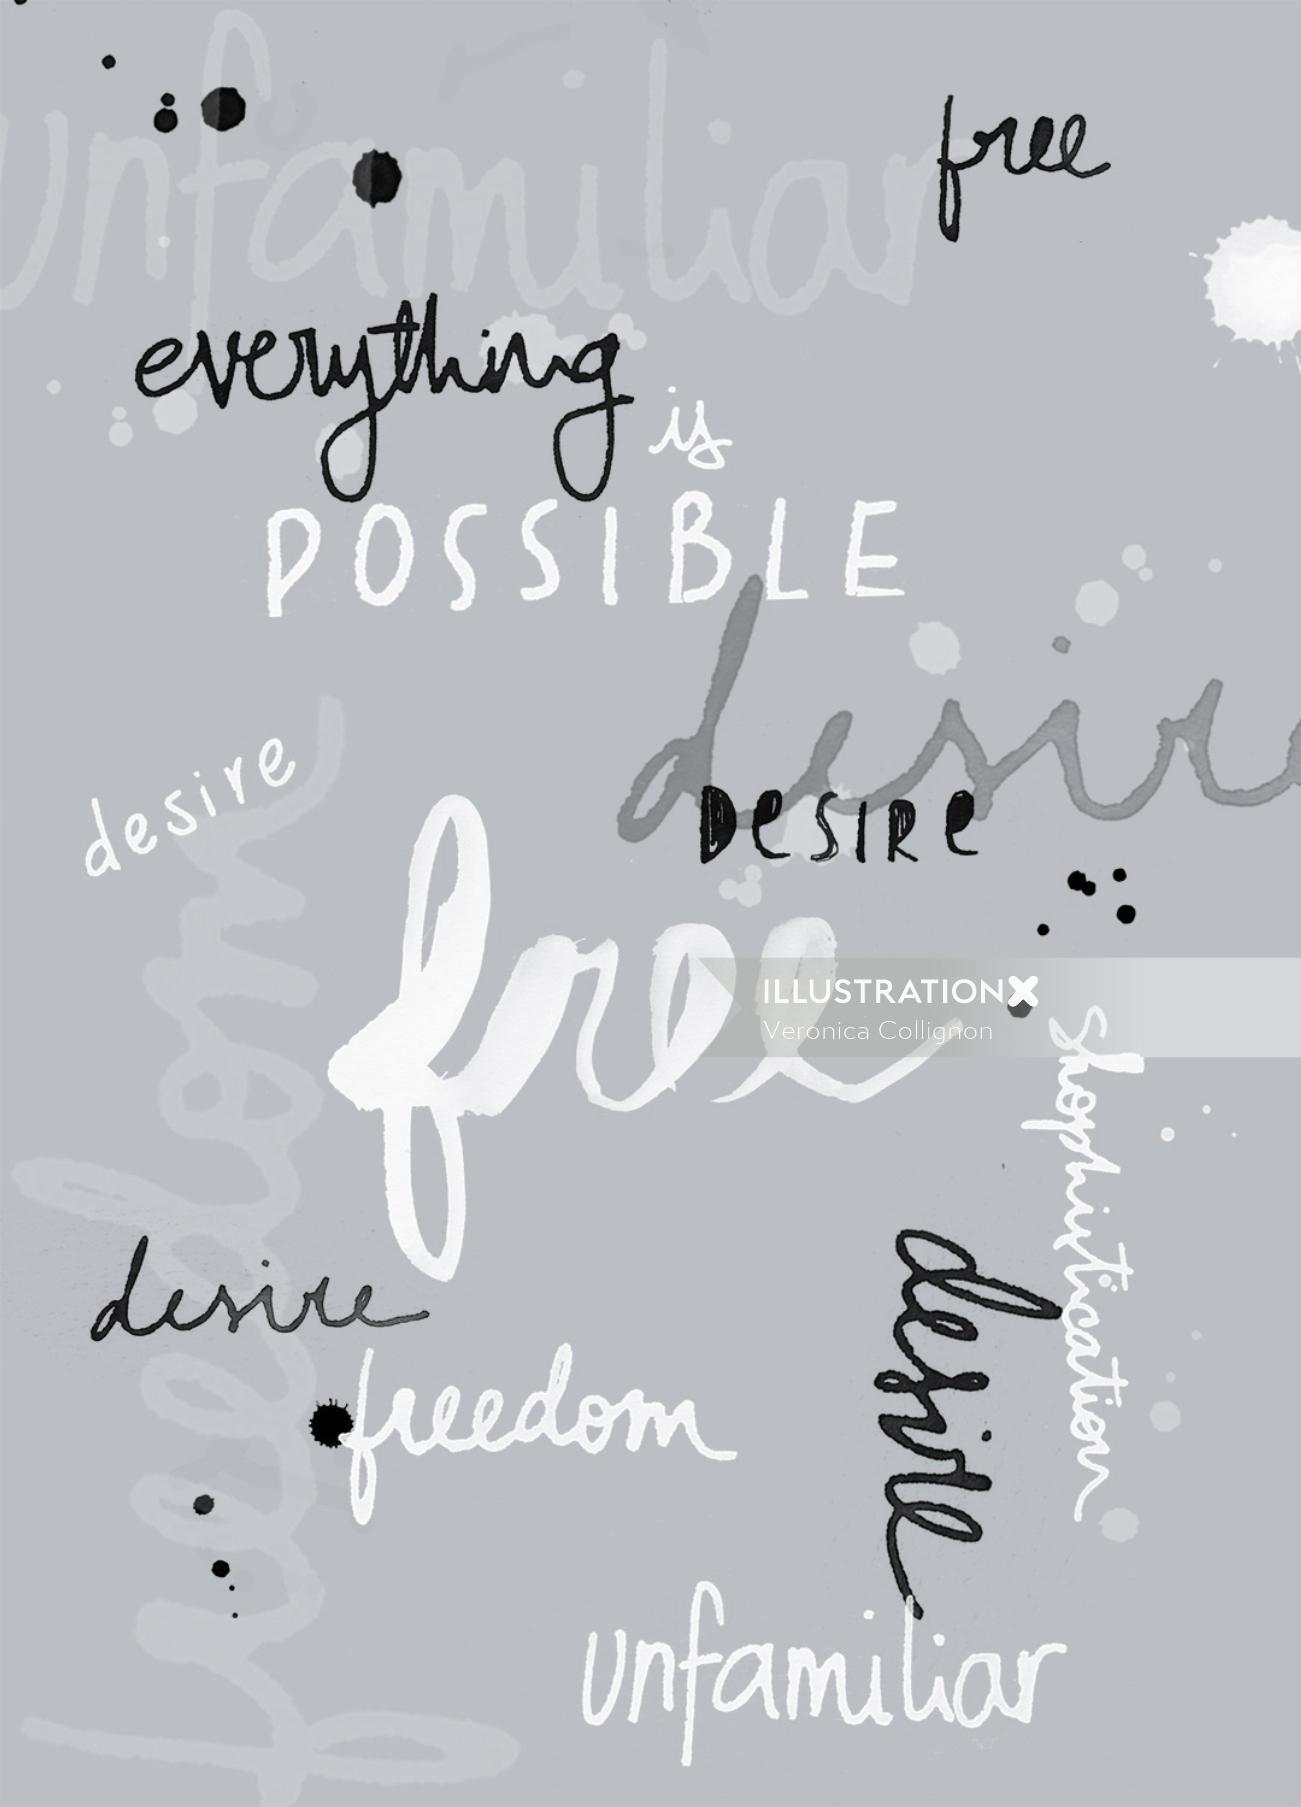 Lettering Design By Veronica Collignon Illustrator